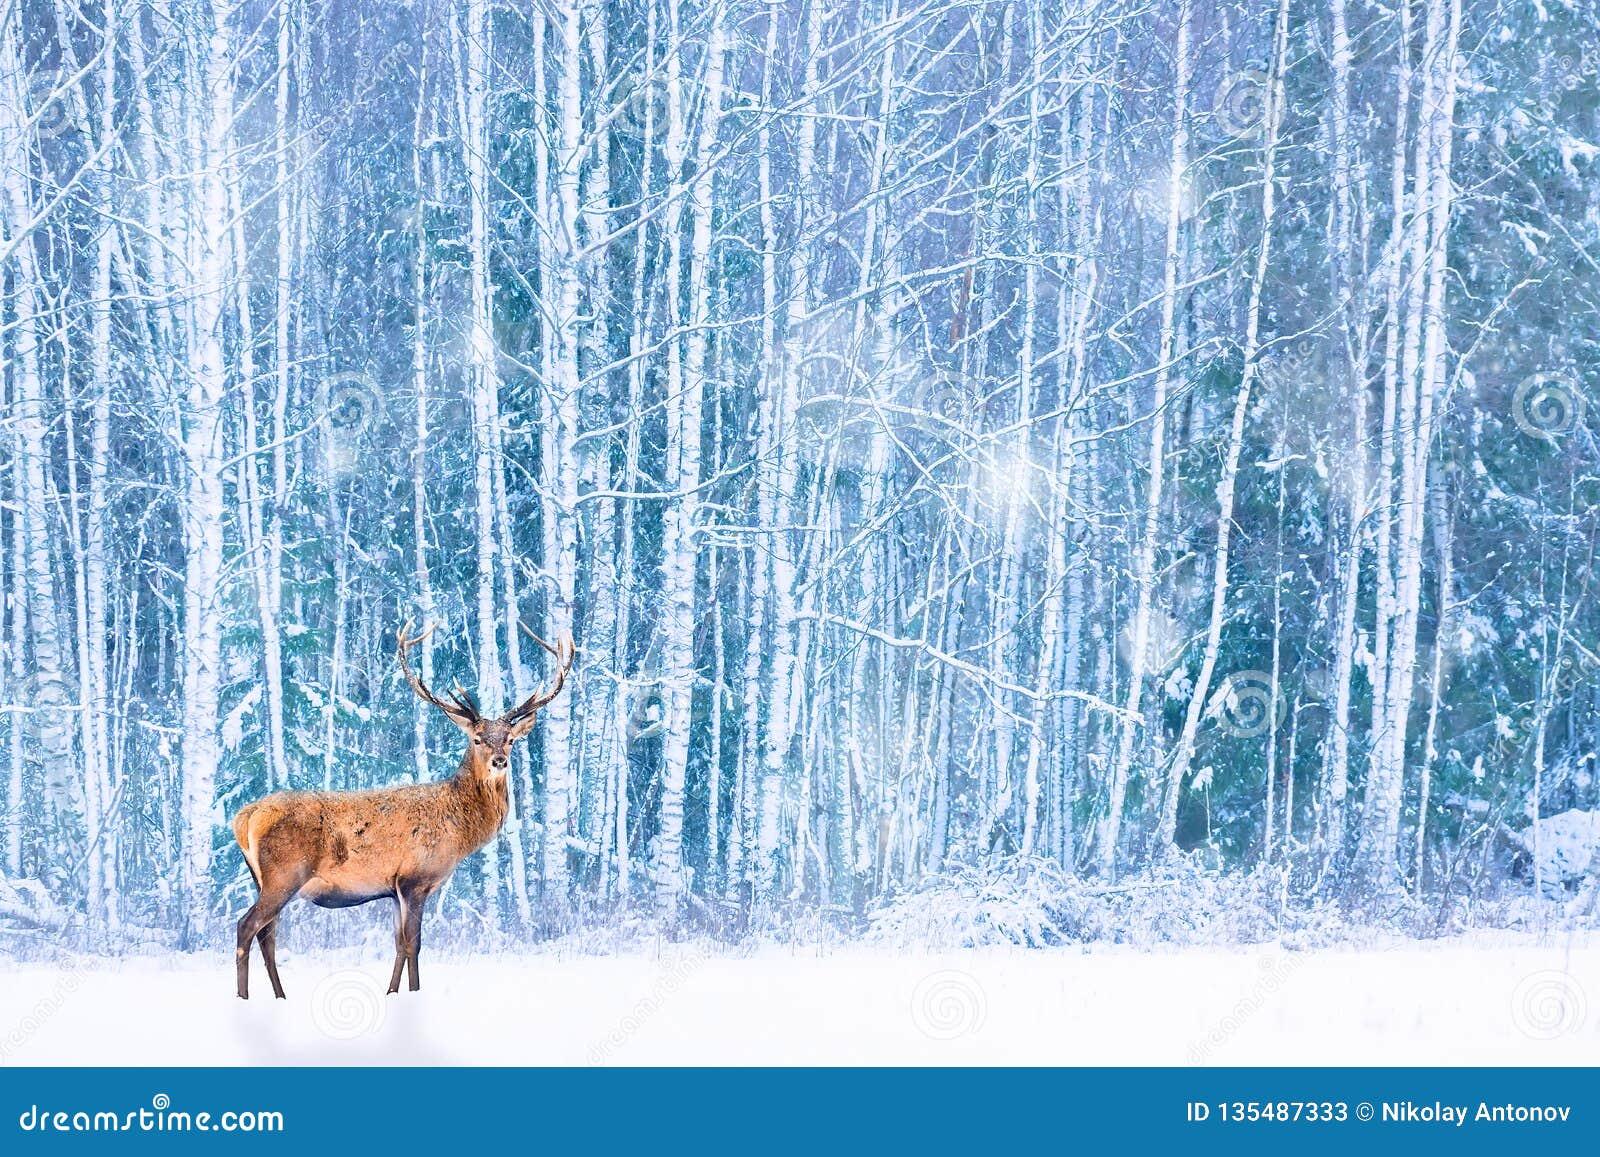 Cervos nobres contra o Natal feericamente artístico da floresta nevado do inverno Imagem sazonal do inverno